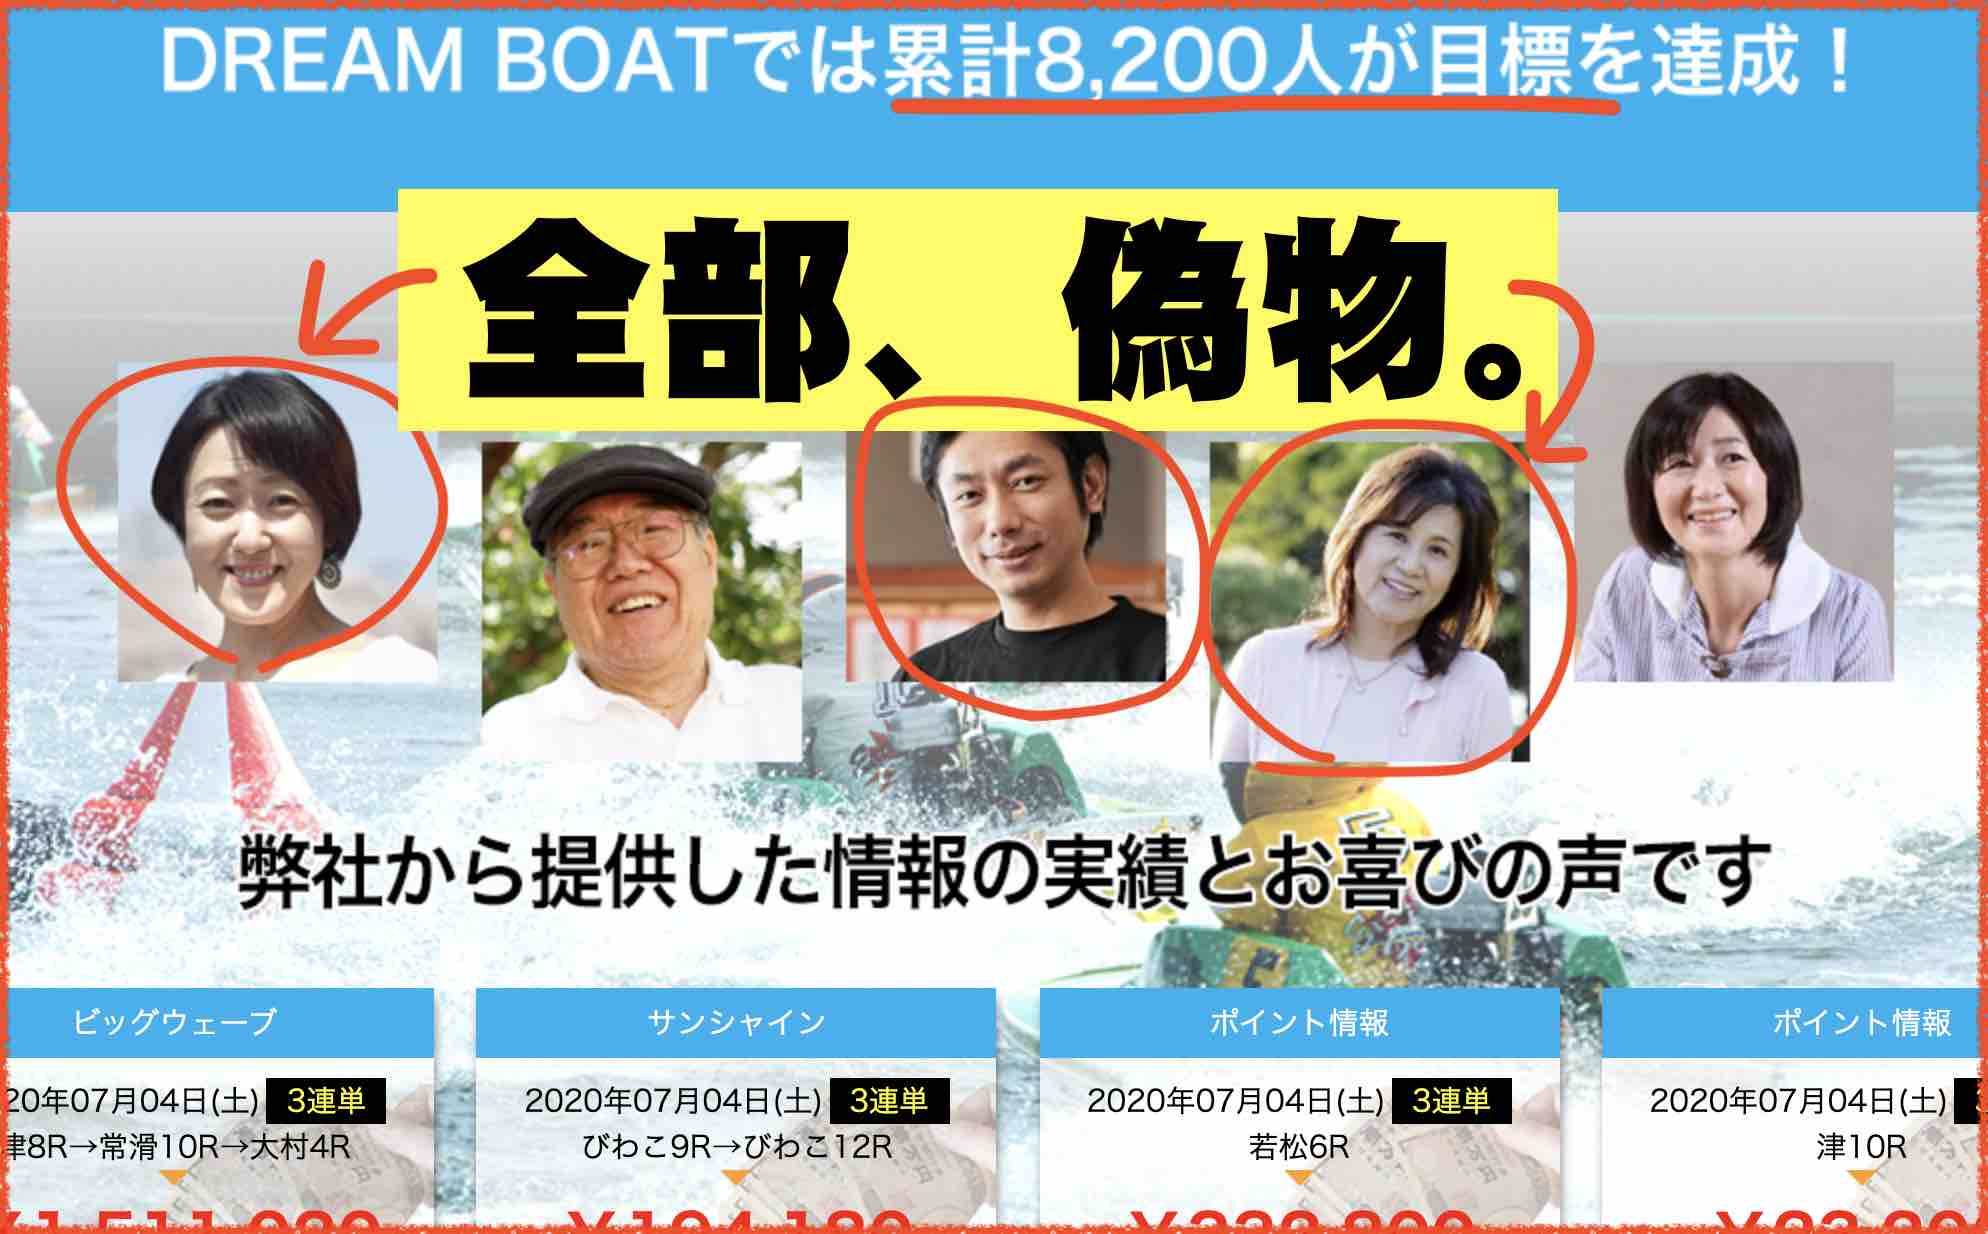 ドリームボートという競艇予想サイト、ボートレース予想サイトは嘘をつくので注意